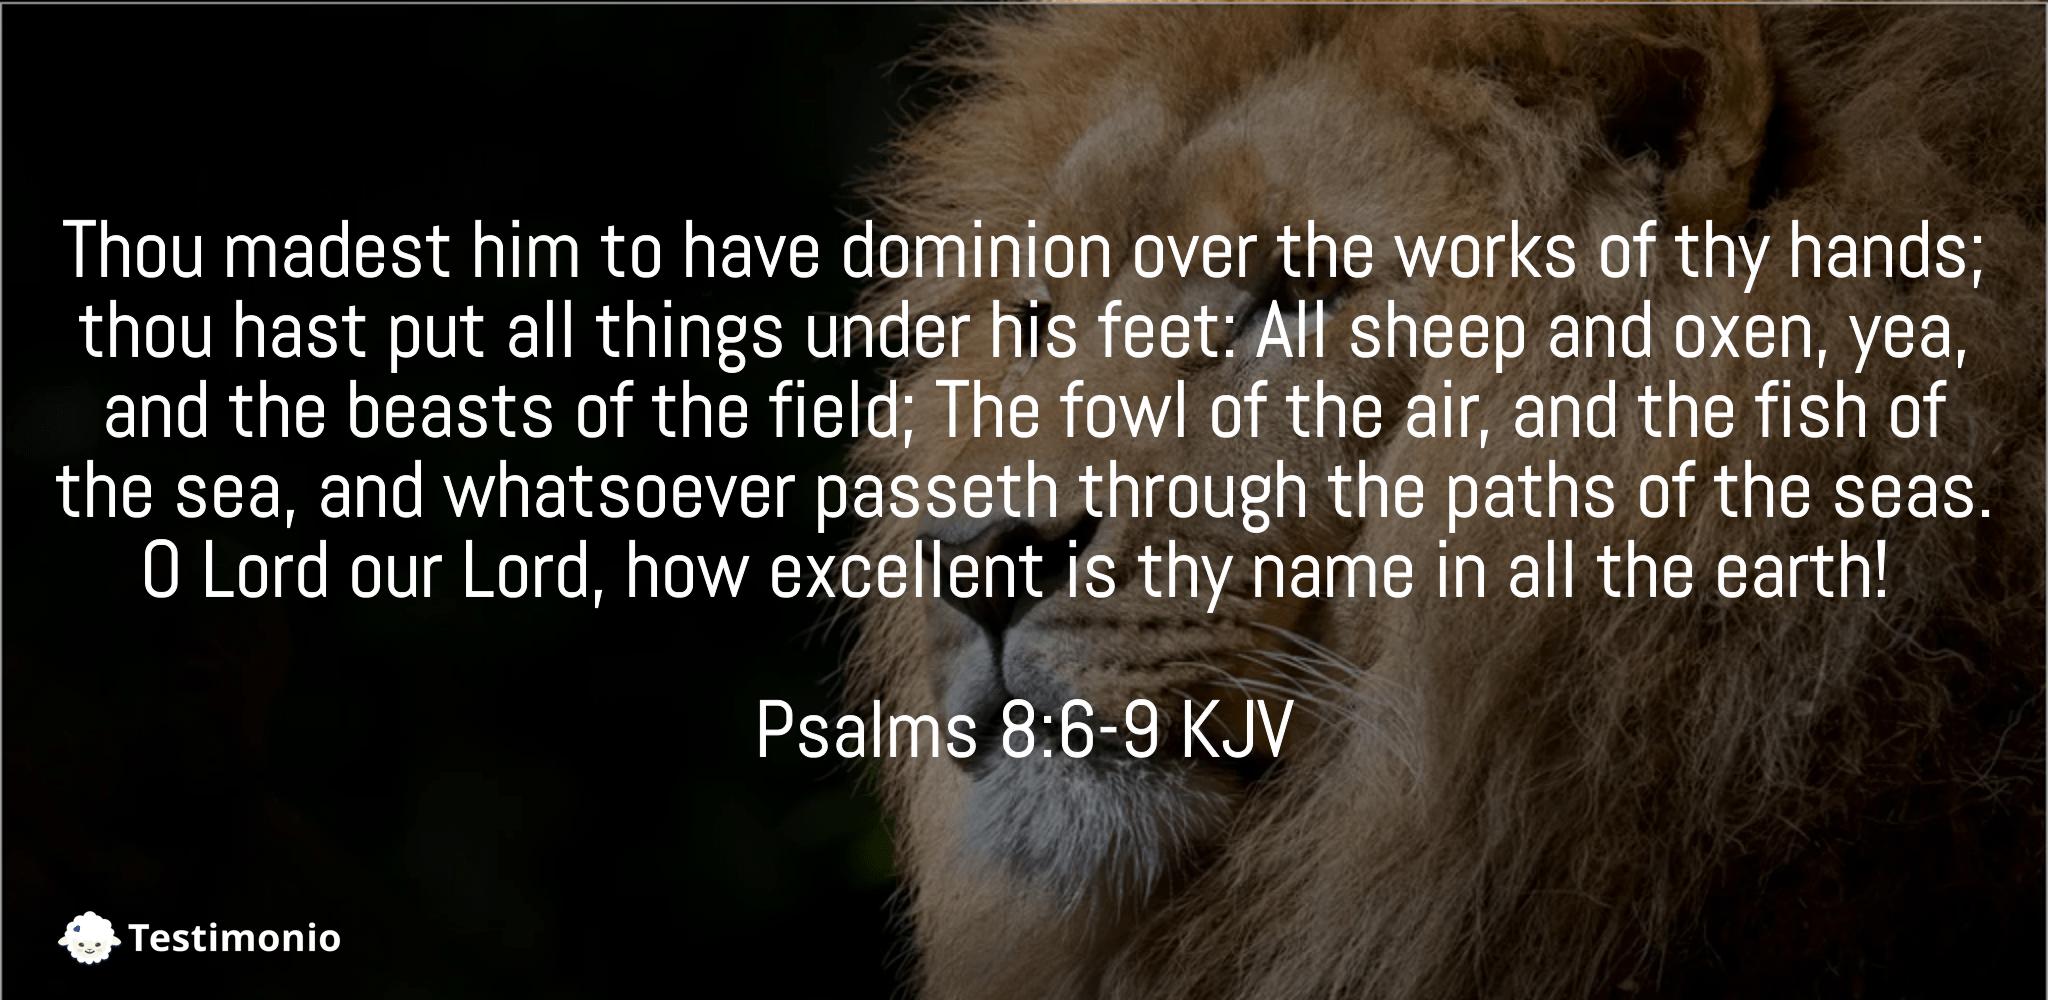 Psalms 8:6-9